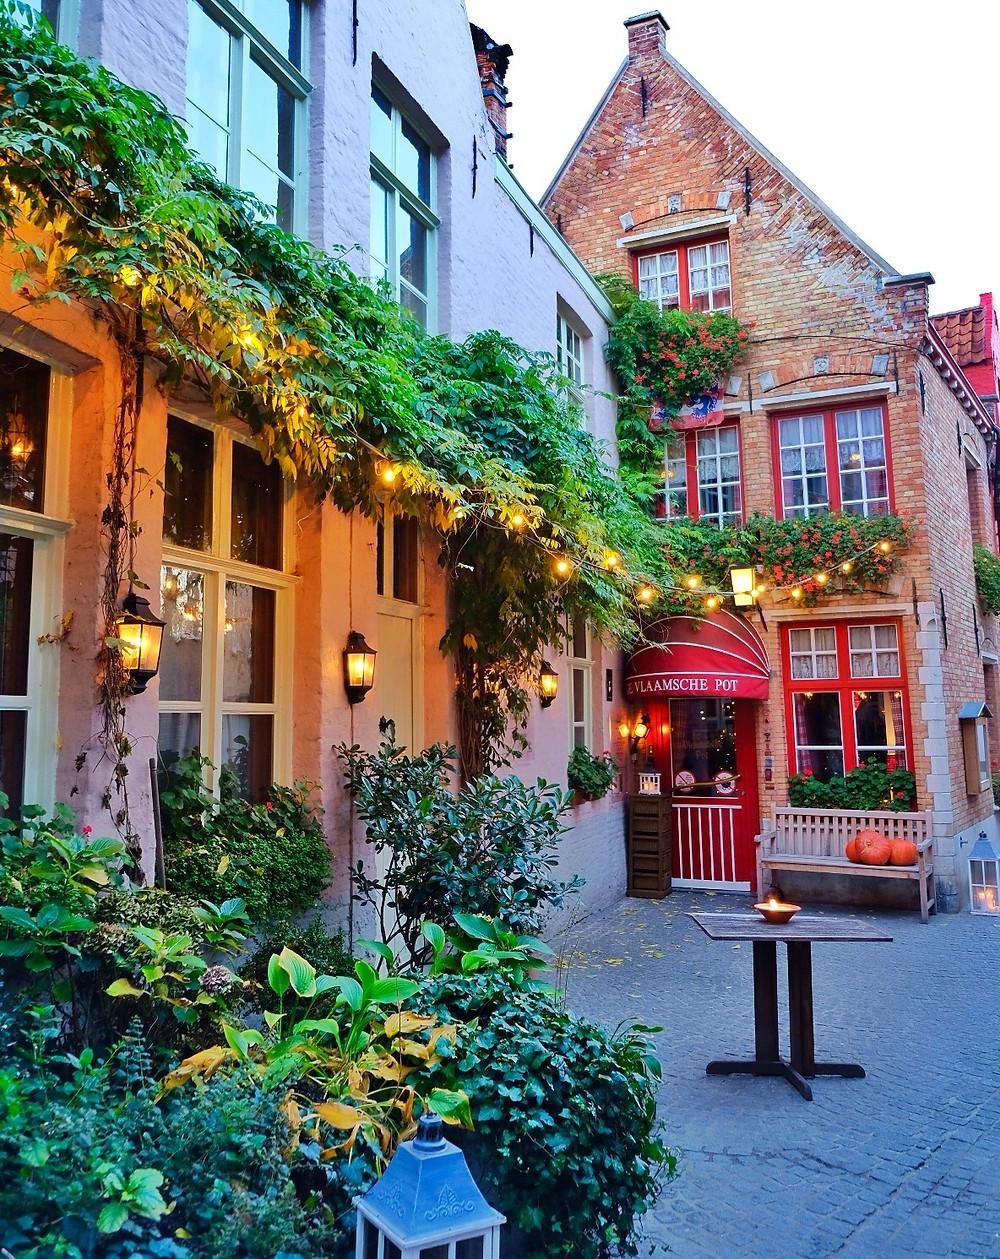 Restaurant De Vlaamsche Pot in Bruges